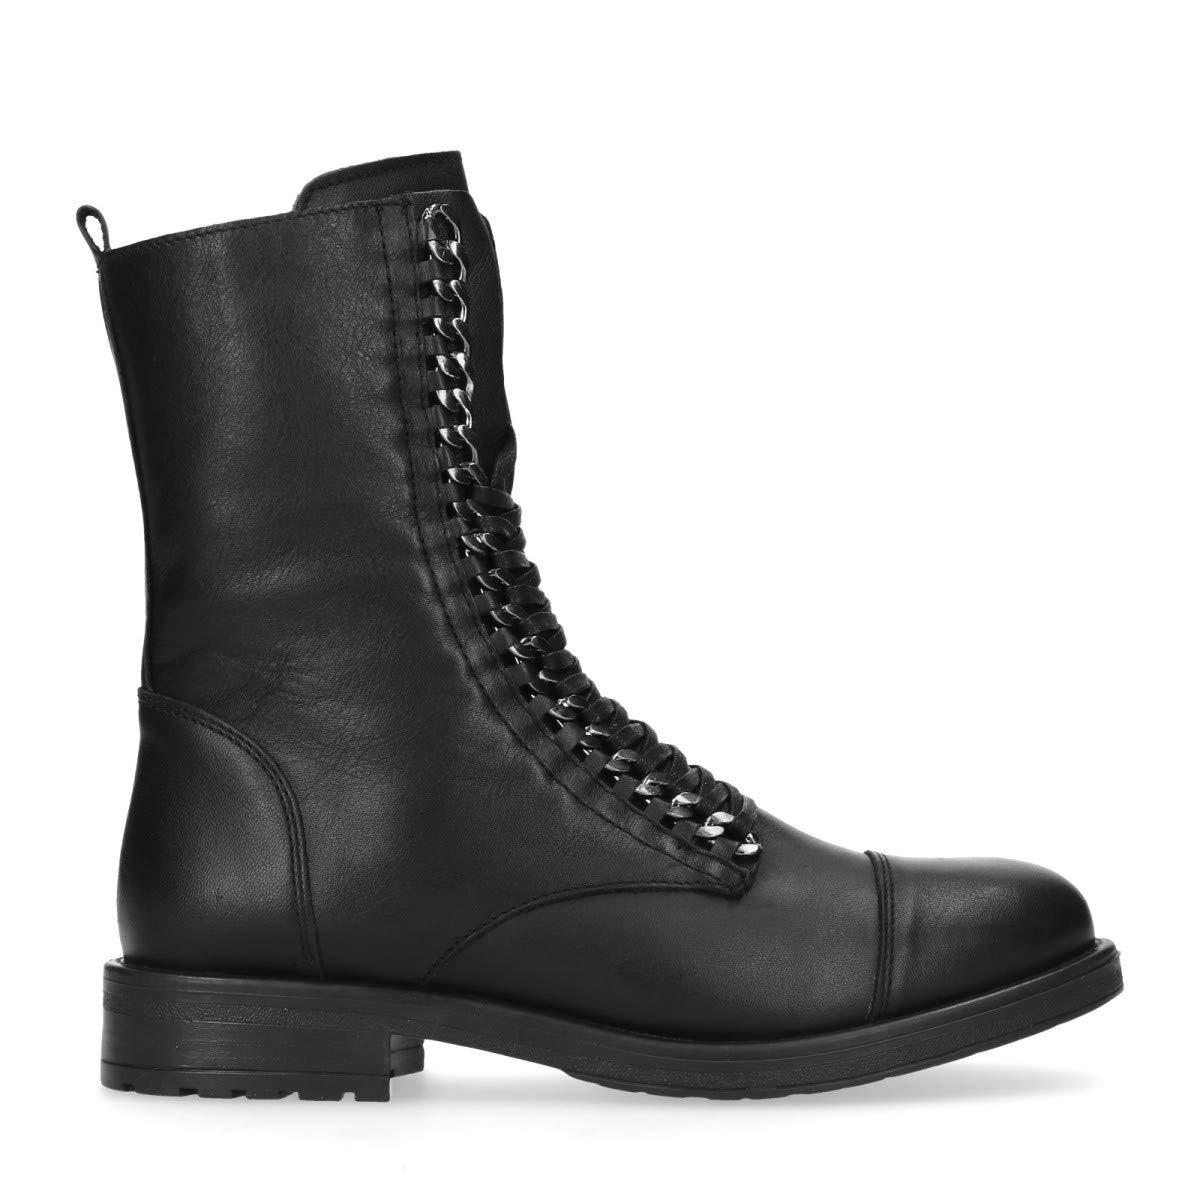 Sacha Schuhe   Damen Stiefeletten   Leder   Farbe  Schwarz